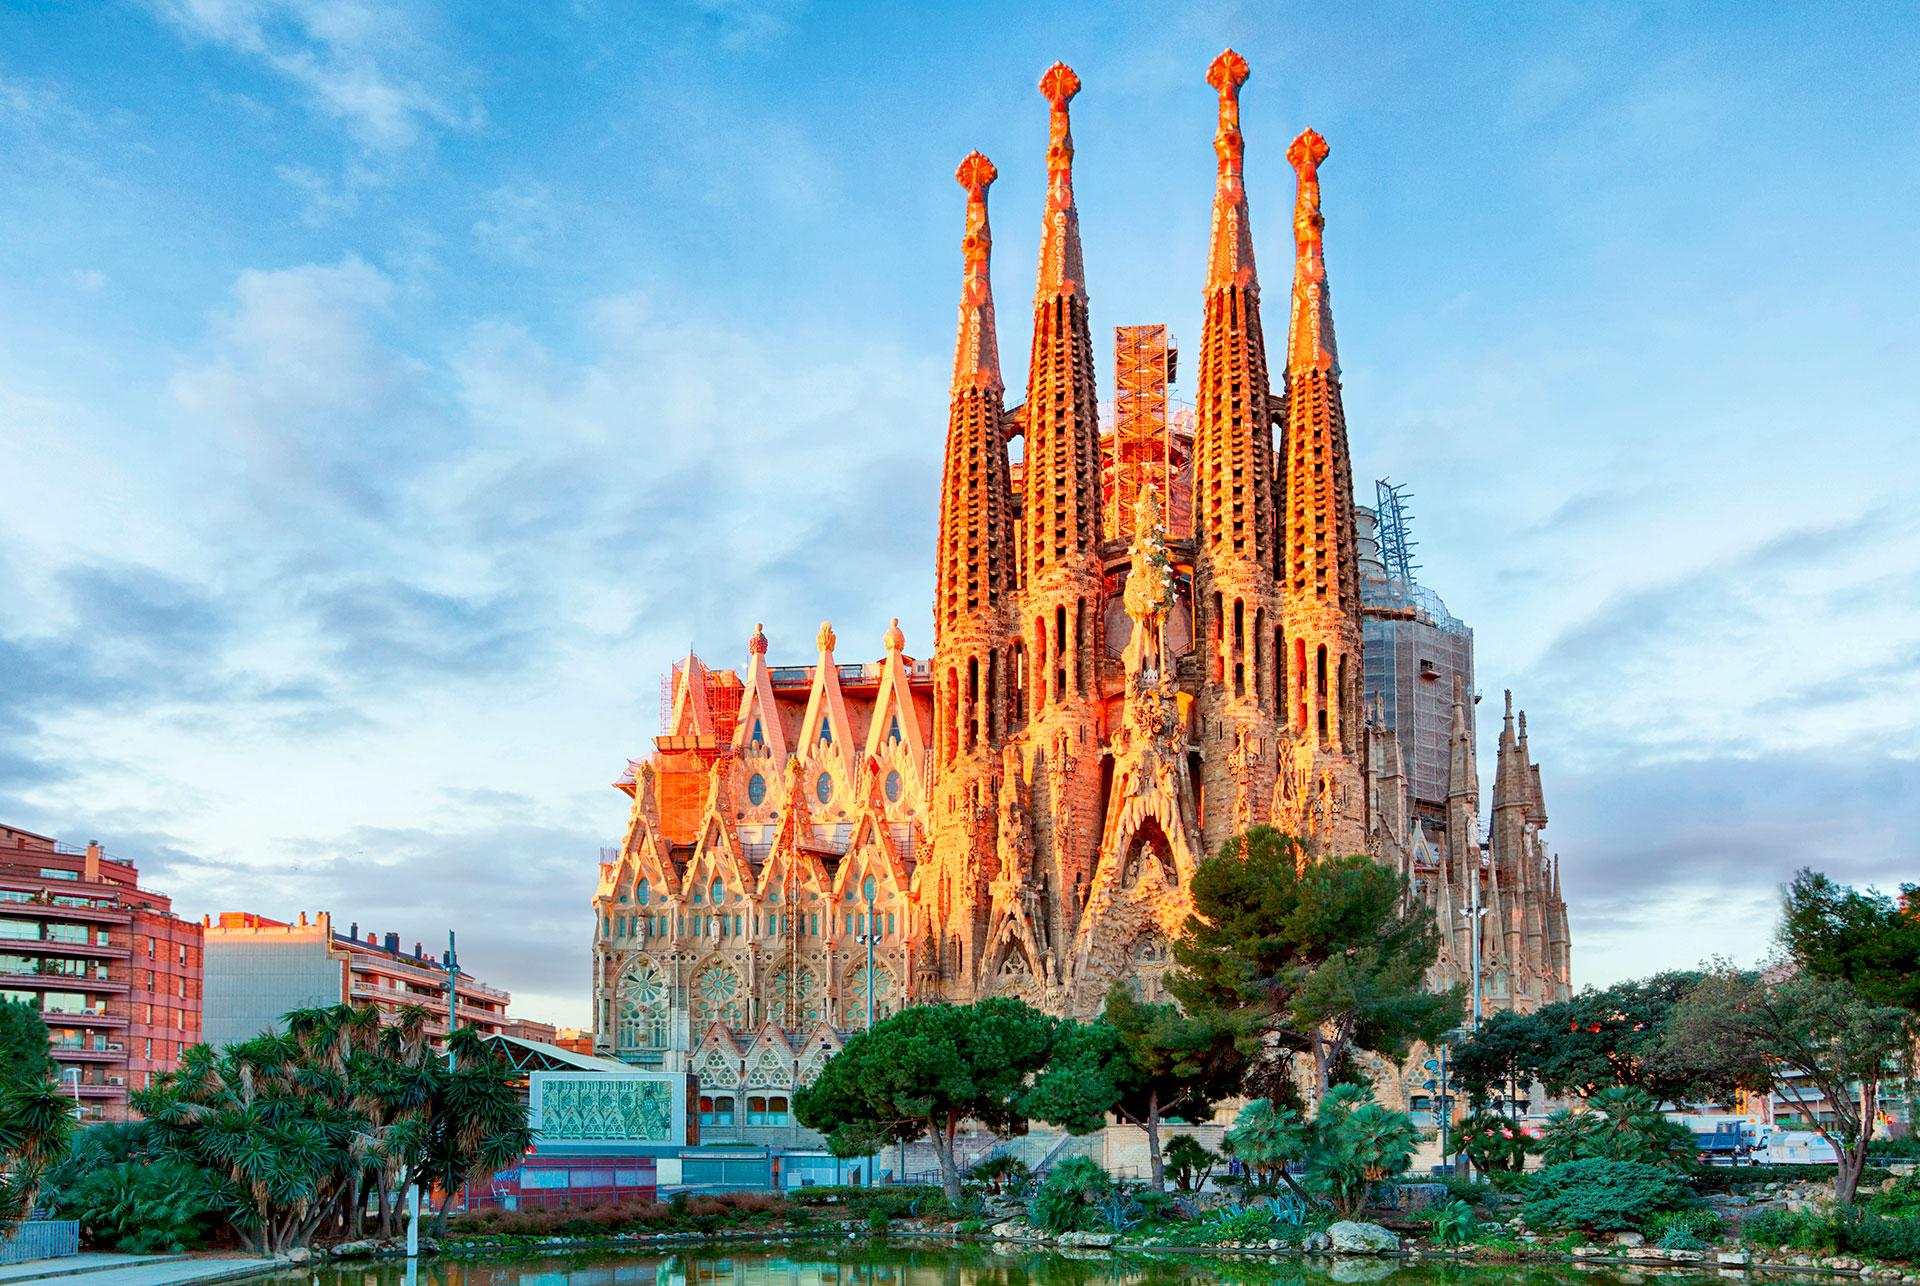 La construcción del templo adornado comenzó en 1882 y aún no está terminada (la fecha de finalización prevista es 2026). Más de 4.5 millones de personas visitan la catedral cada año